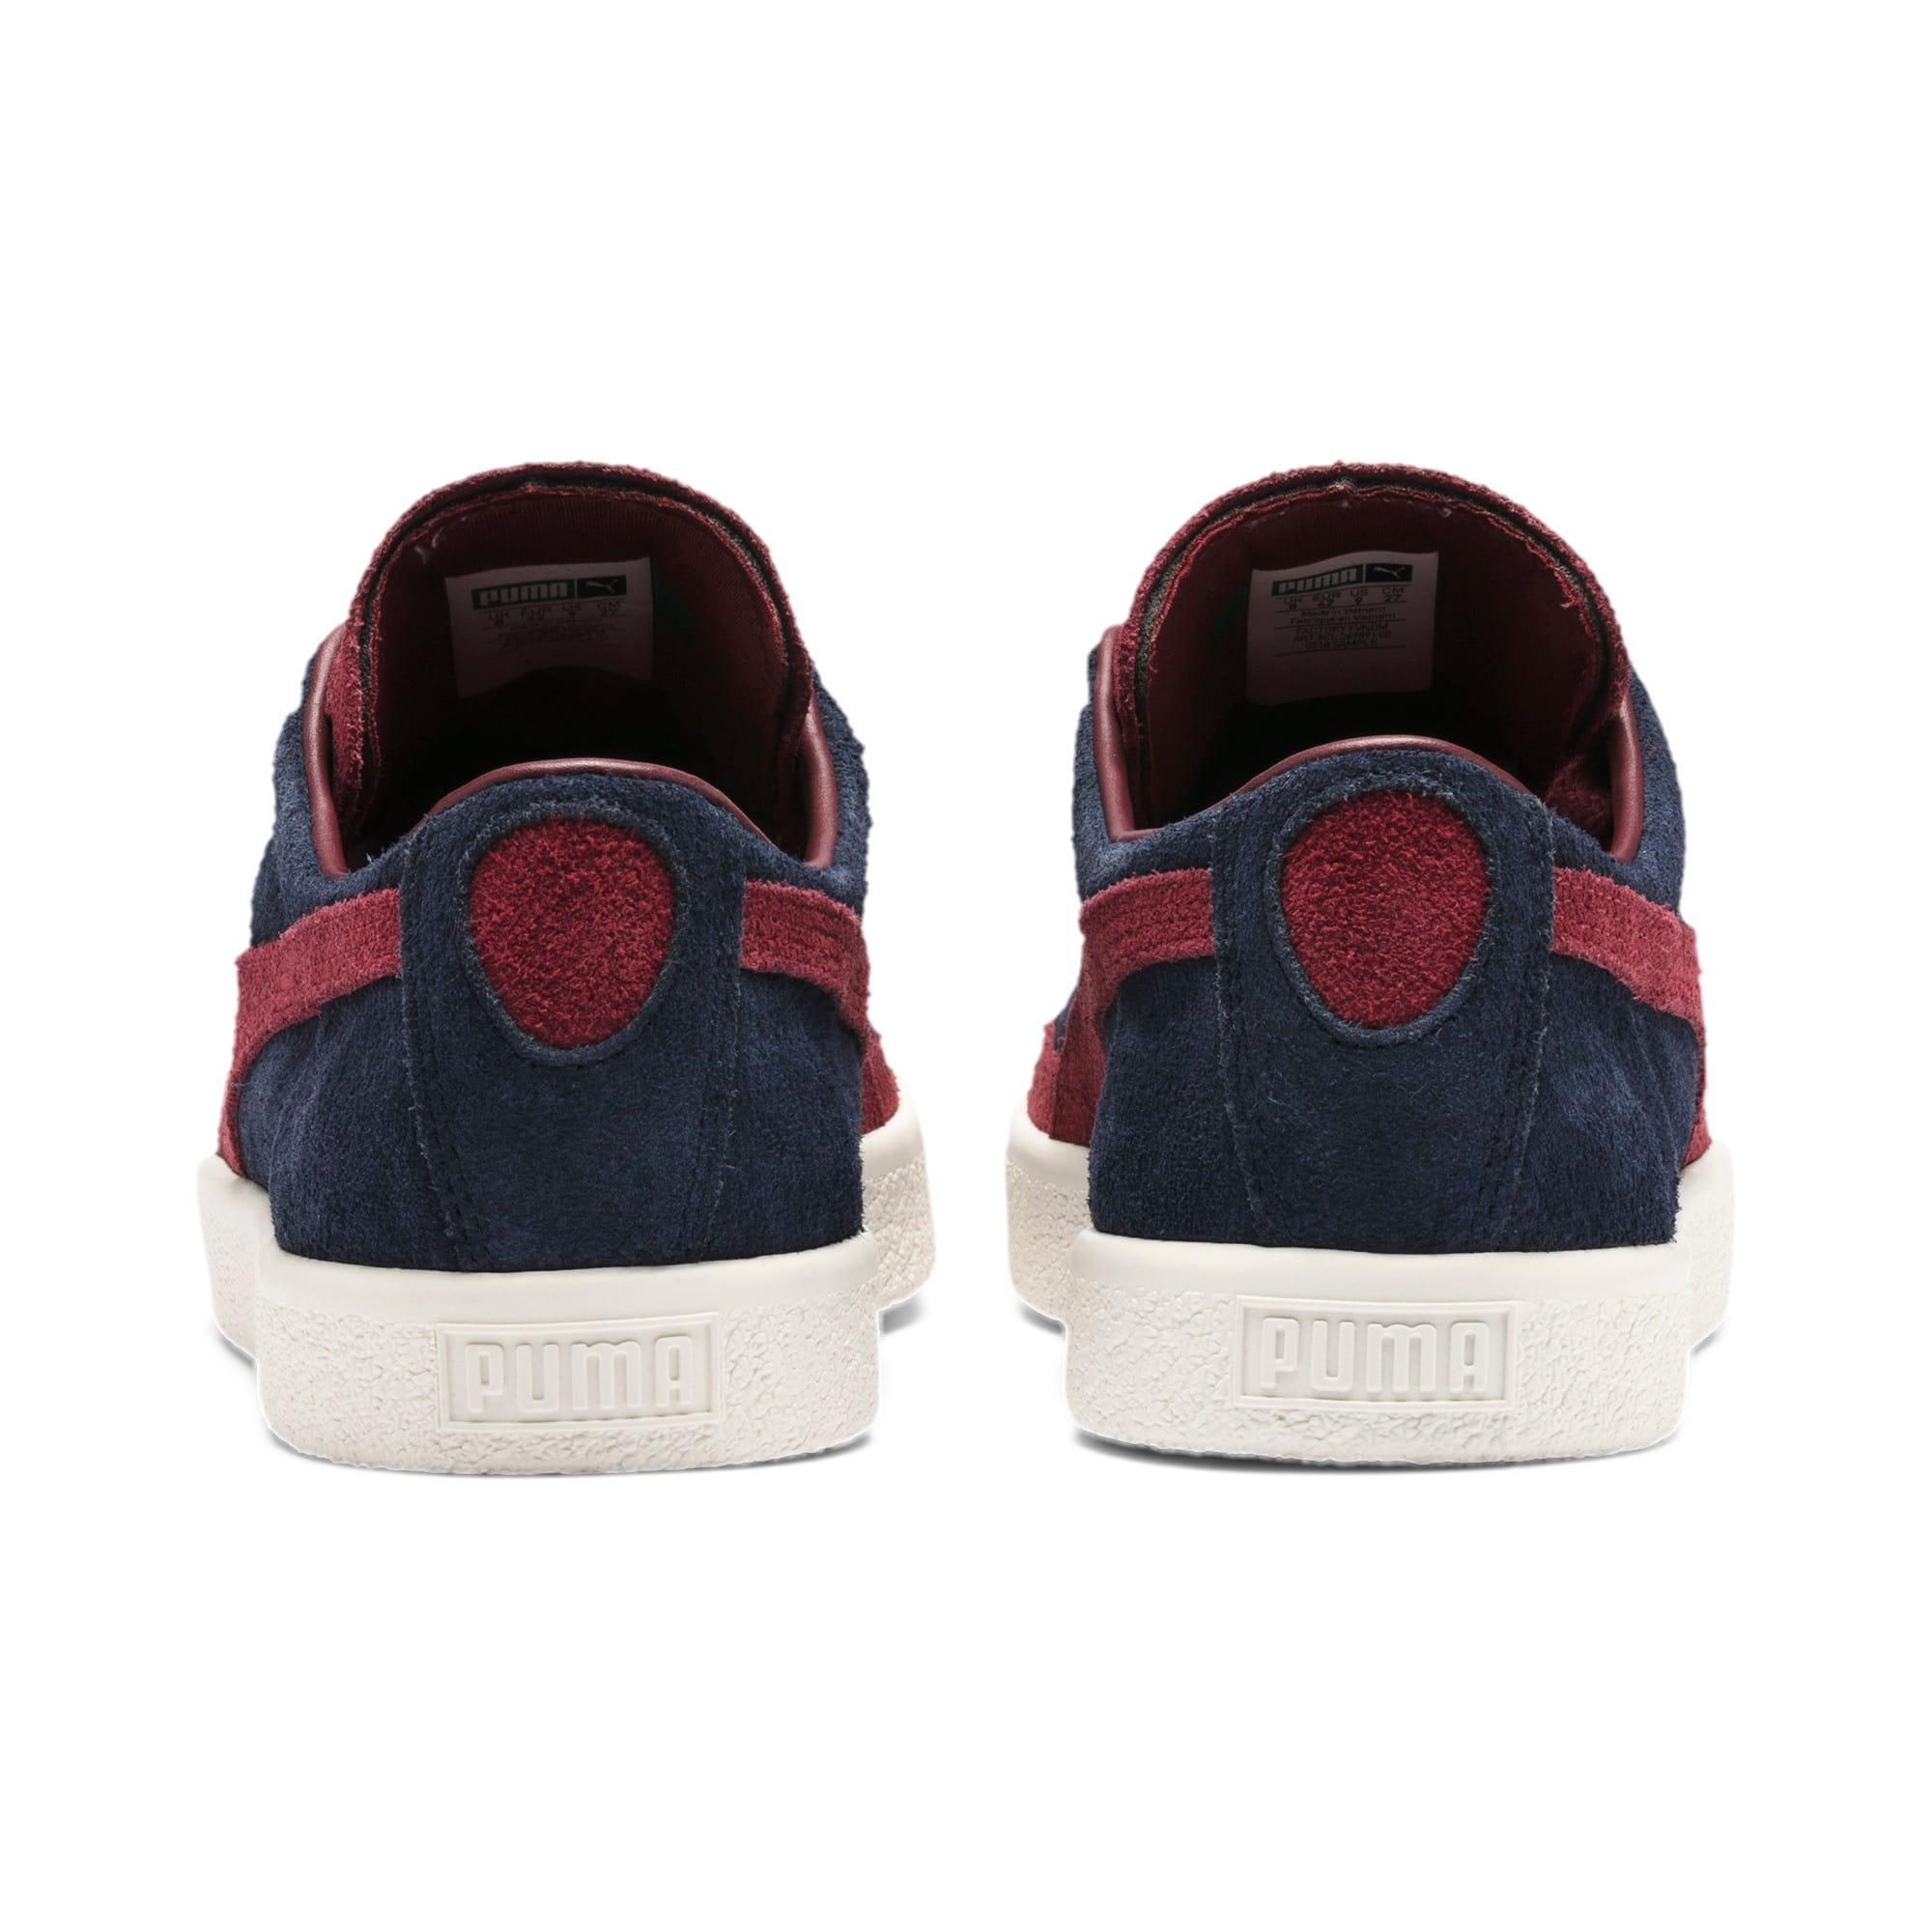 Thumbnail 5 of Suede 90681 Vintage Sneakers, Peacoat-Rhubarb, medium